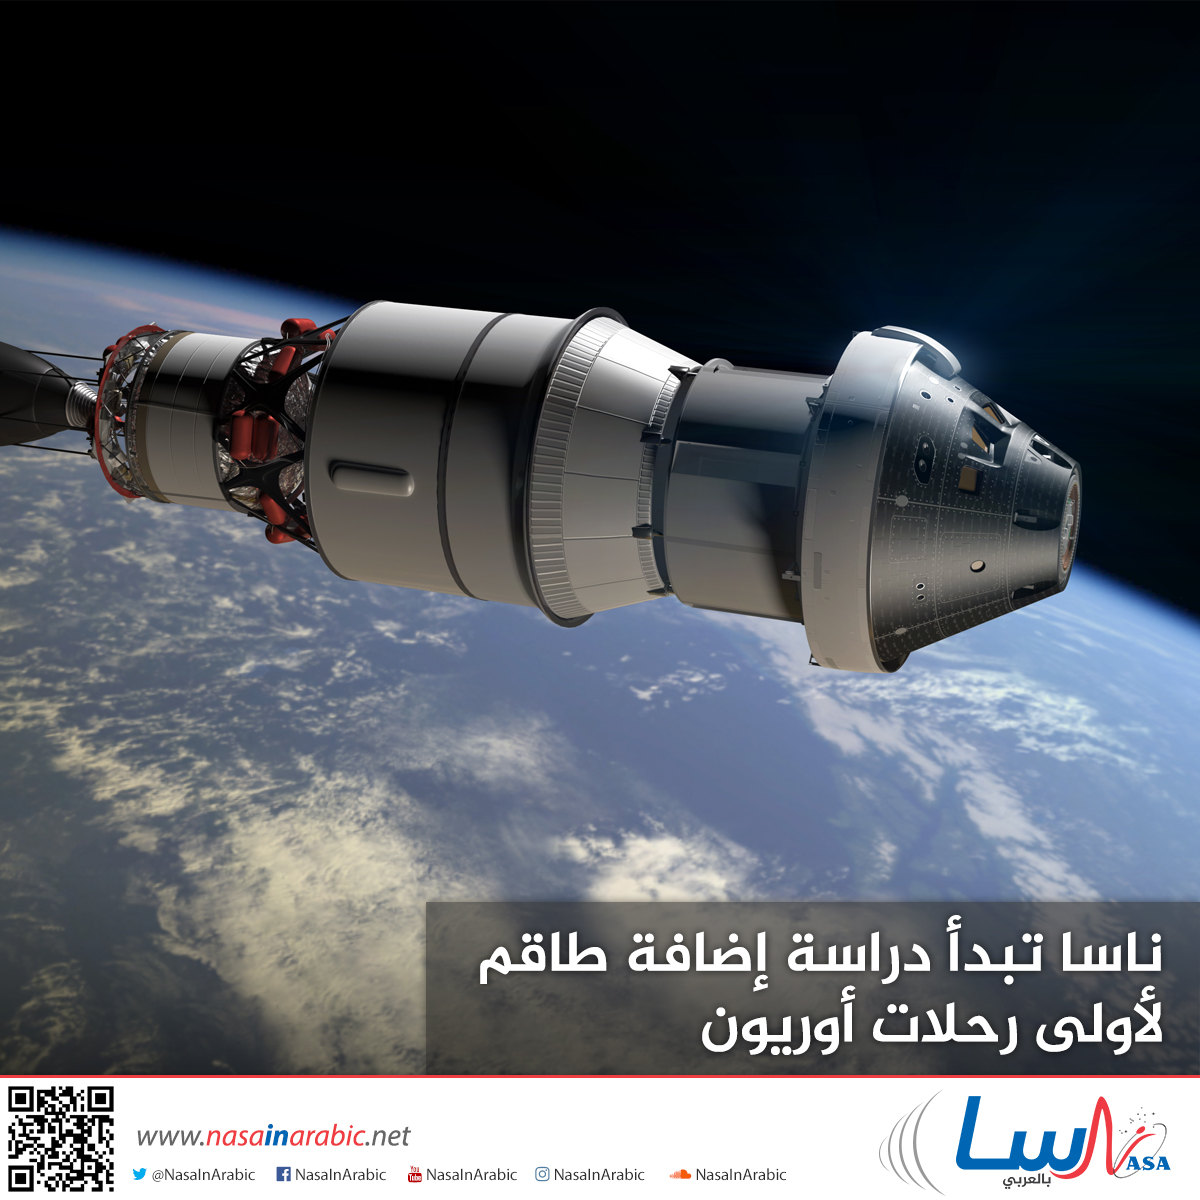 ناسا تبدأ دراسة إضافة طاقم لأولى رحلات أوريون